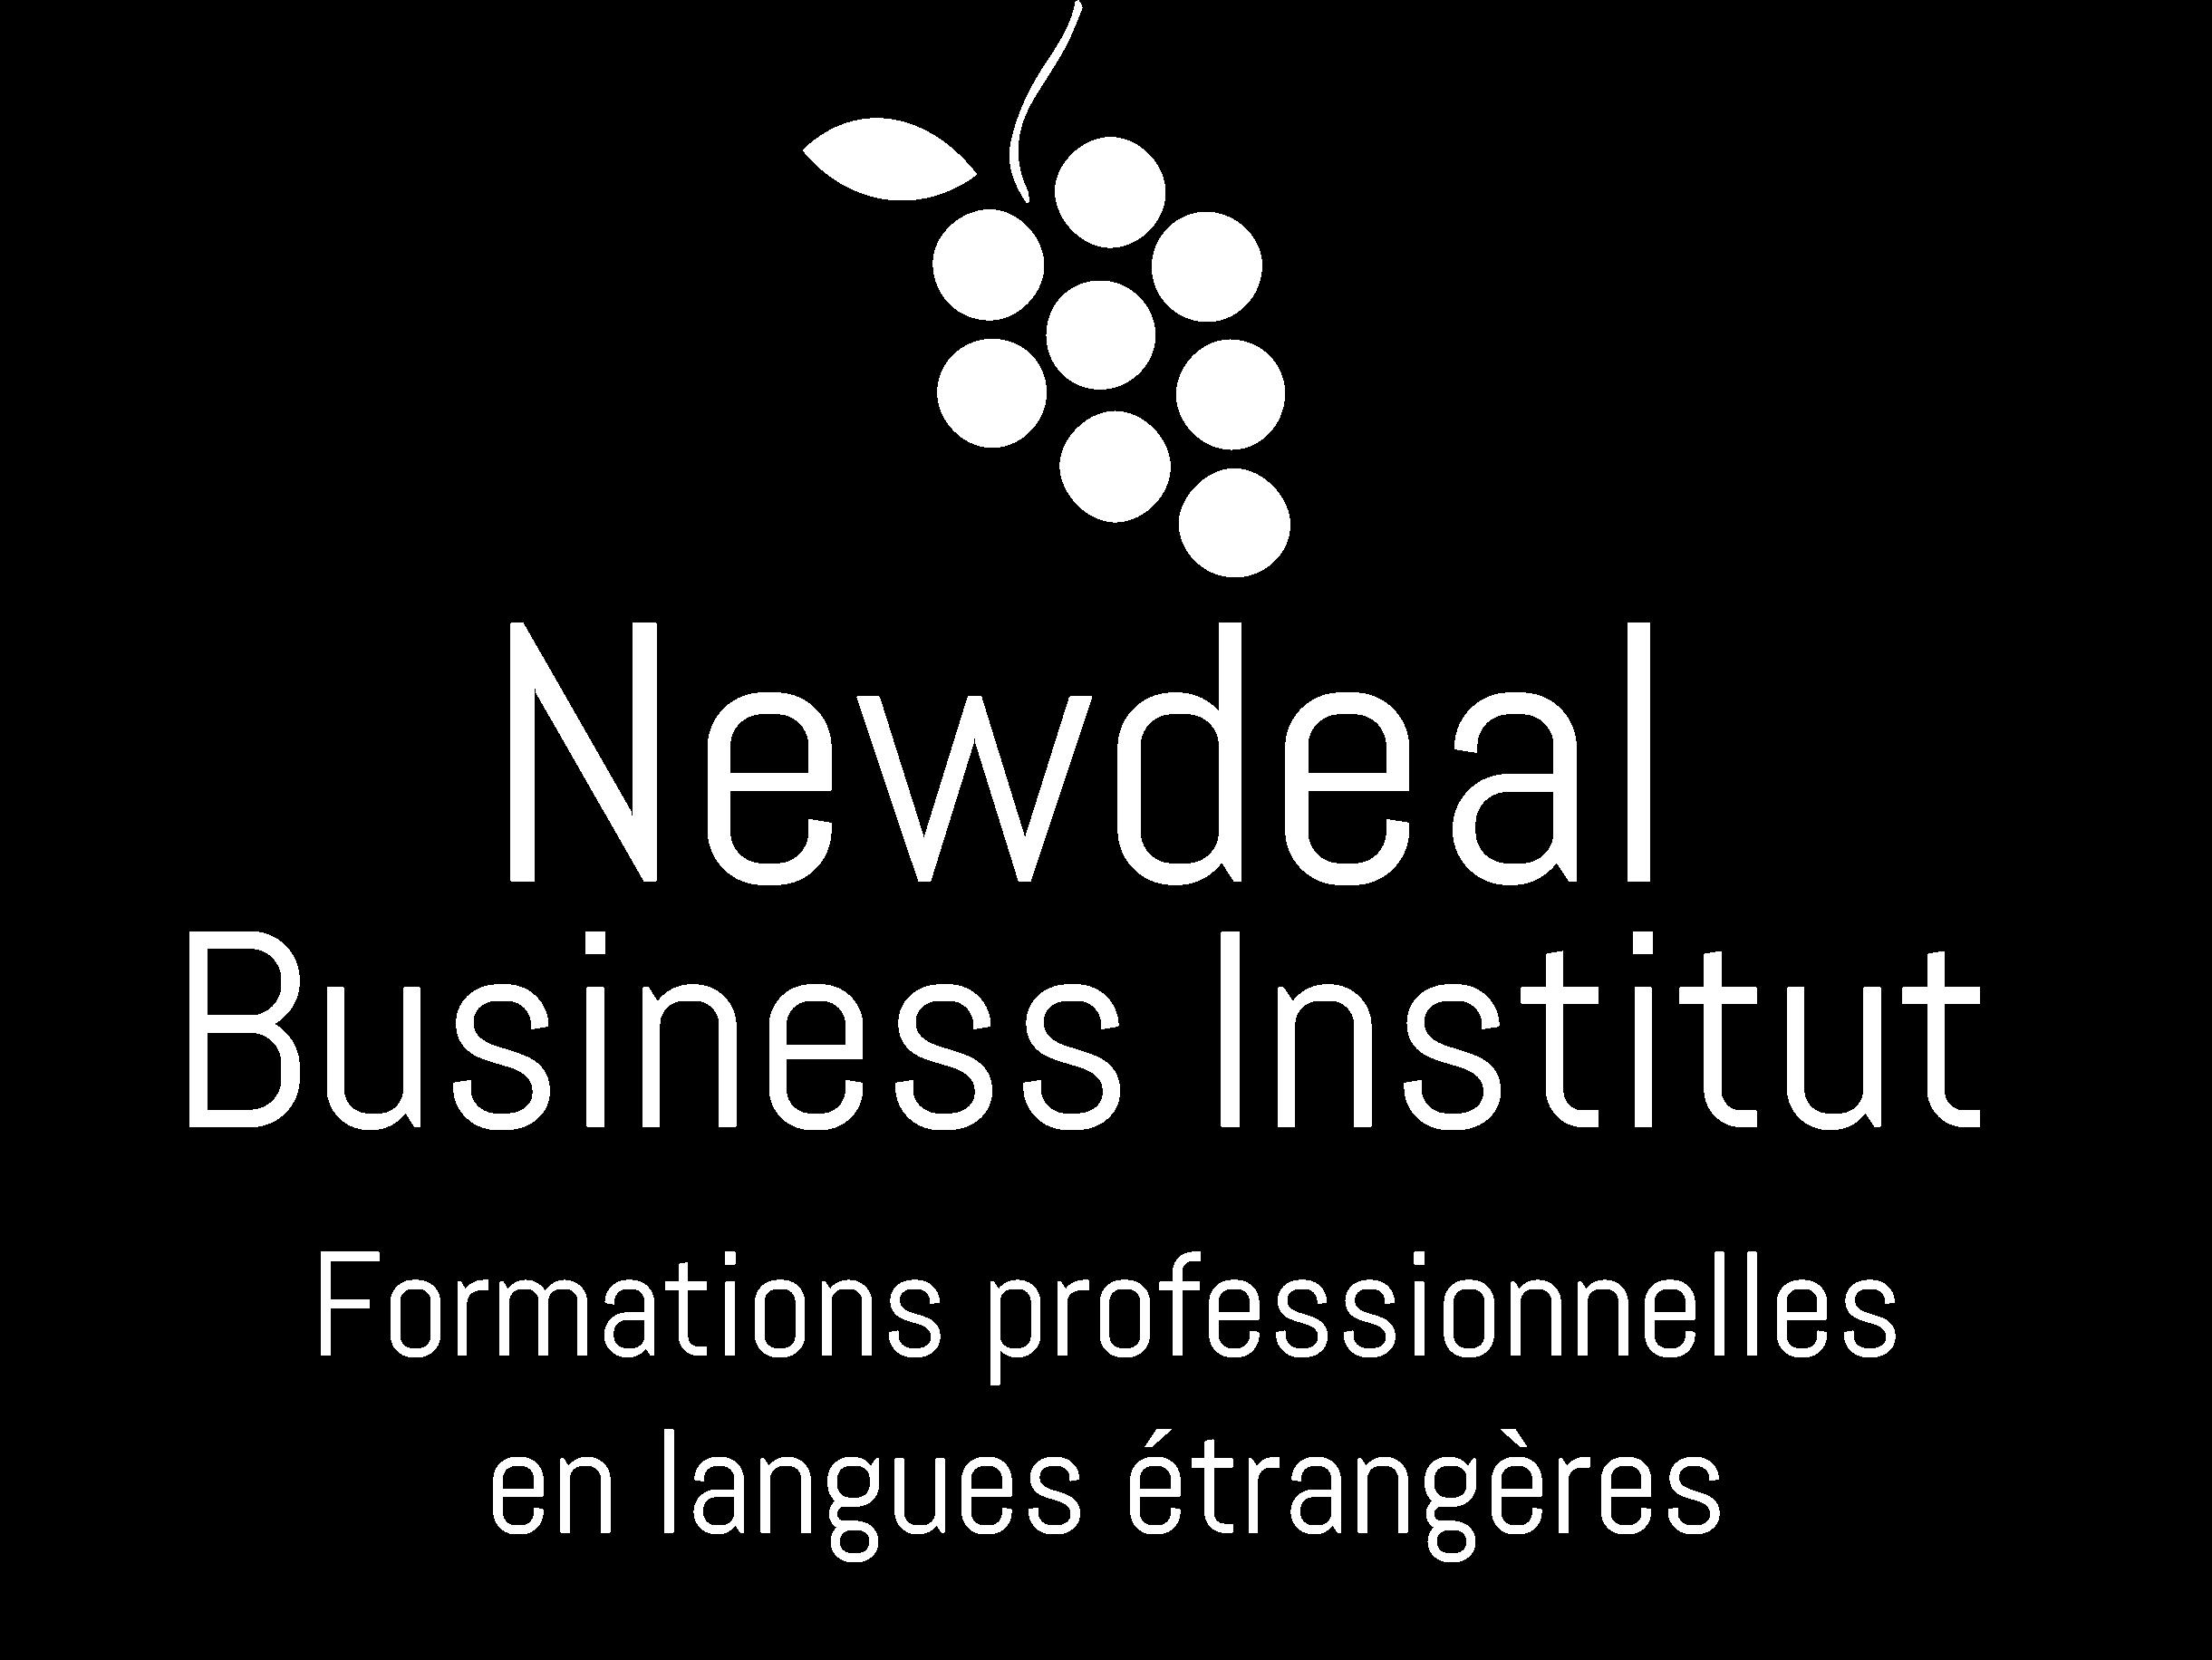 Newdeal Business Institut - Centre de formation en langues à Bordeaux